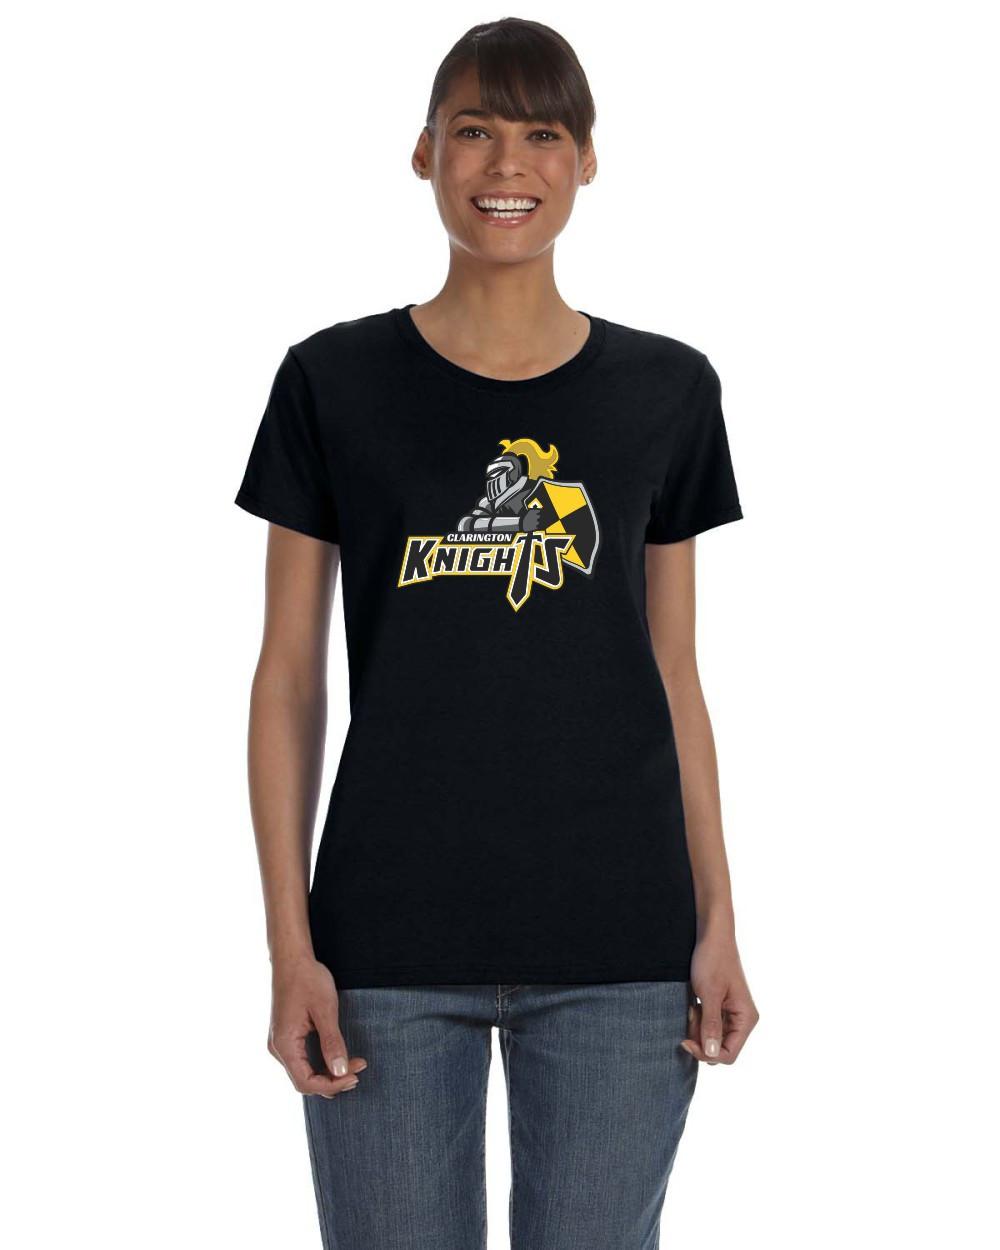 bd12102da1f CMFA Gildan Heavy Cotton Ladies Tshirt - Black | youwear.ca